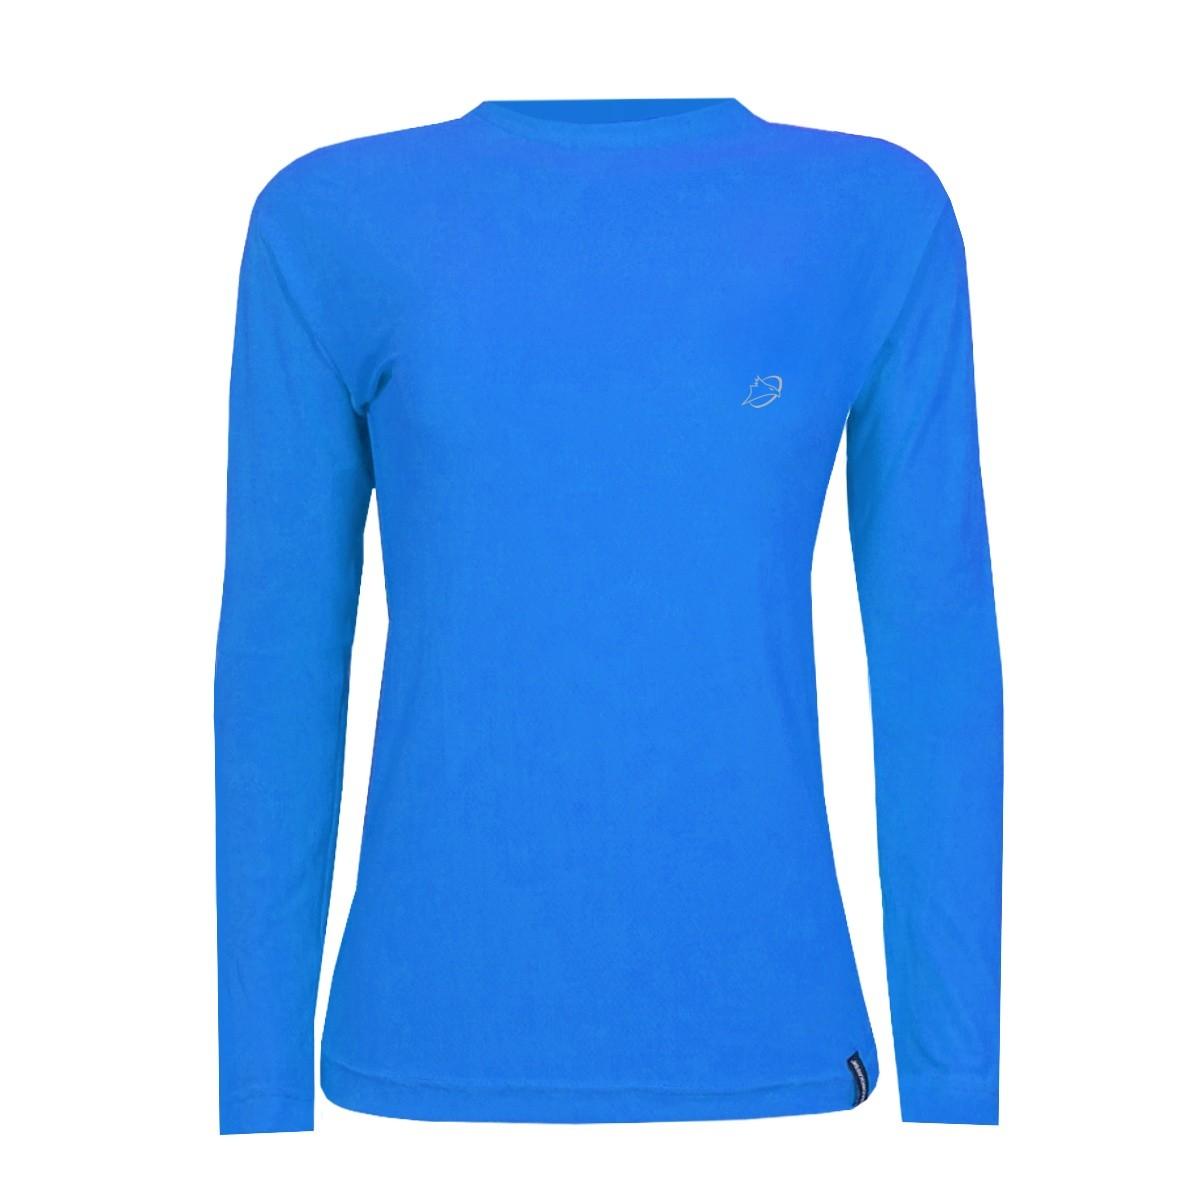 ... Camiseta Dry Cool Feminina Manga Longa - Proteção Solar - Conquista -  Altitude ... 5db895a84bc